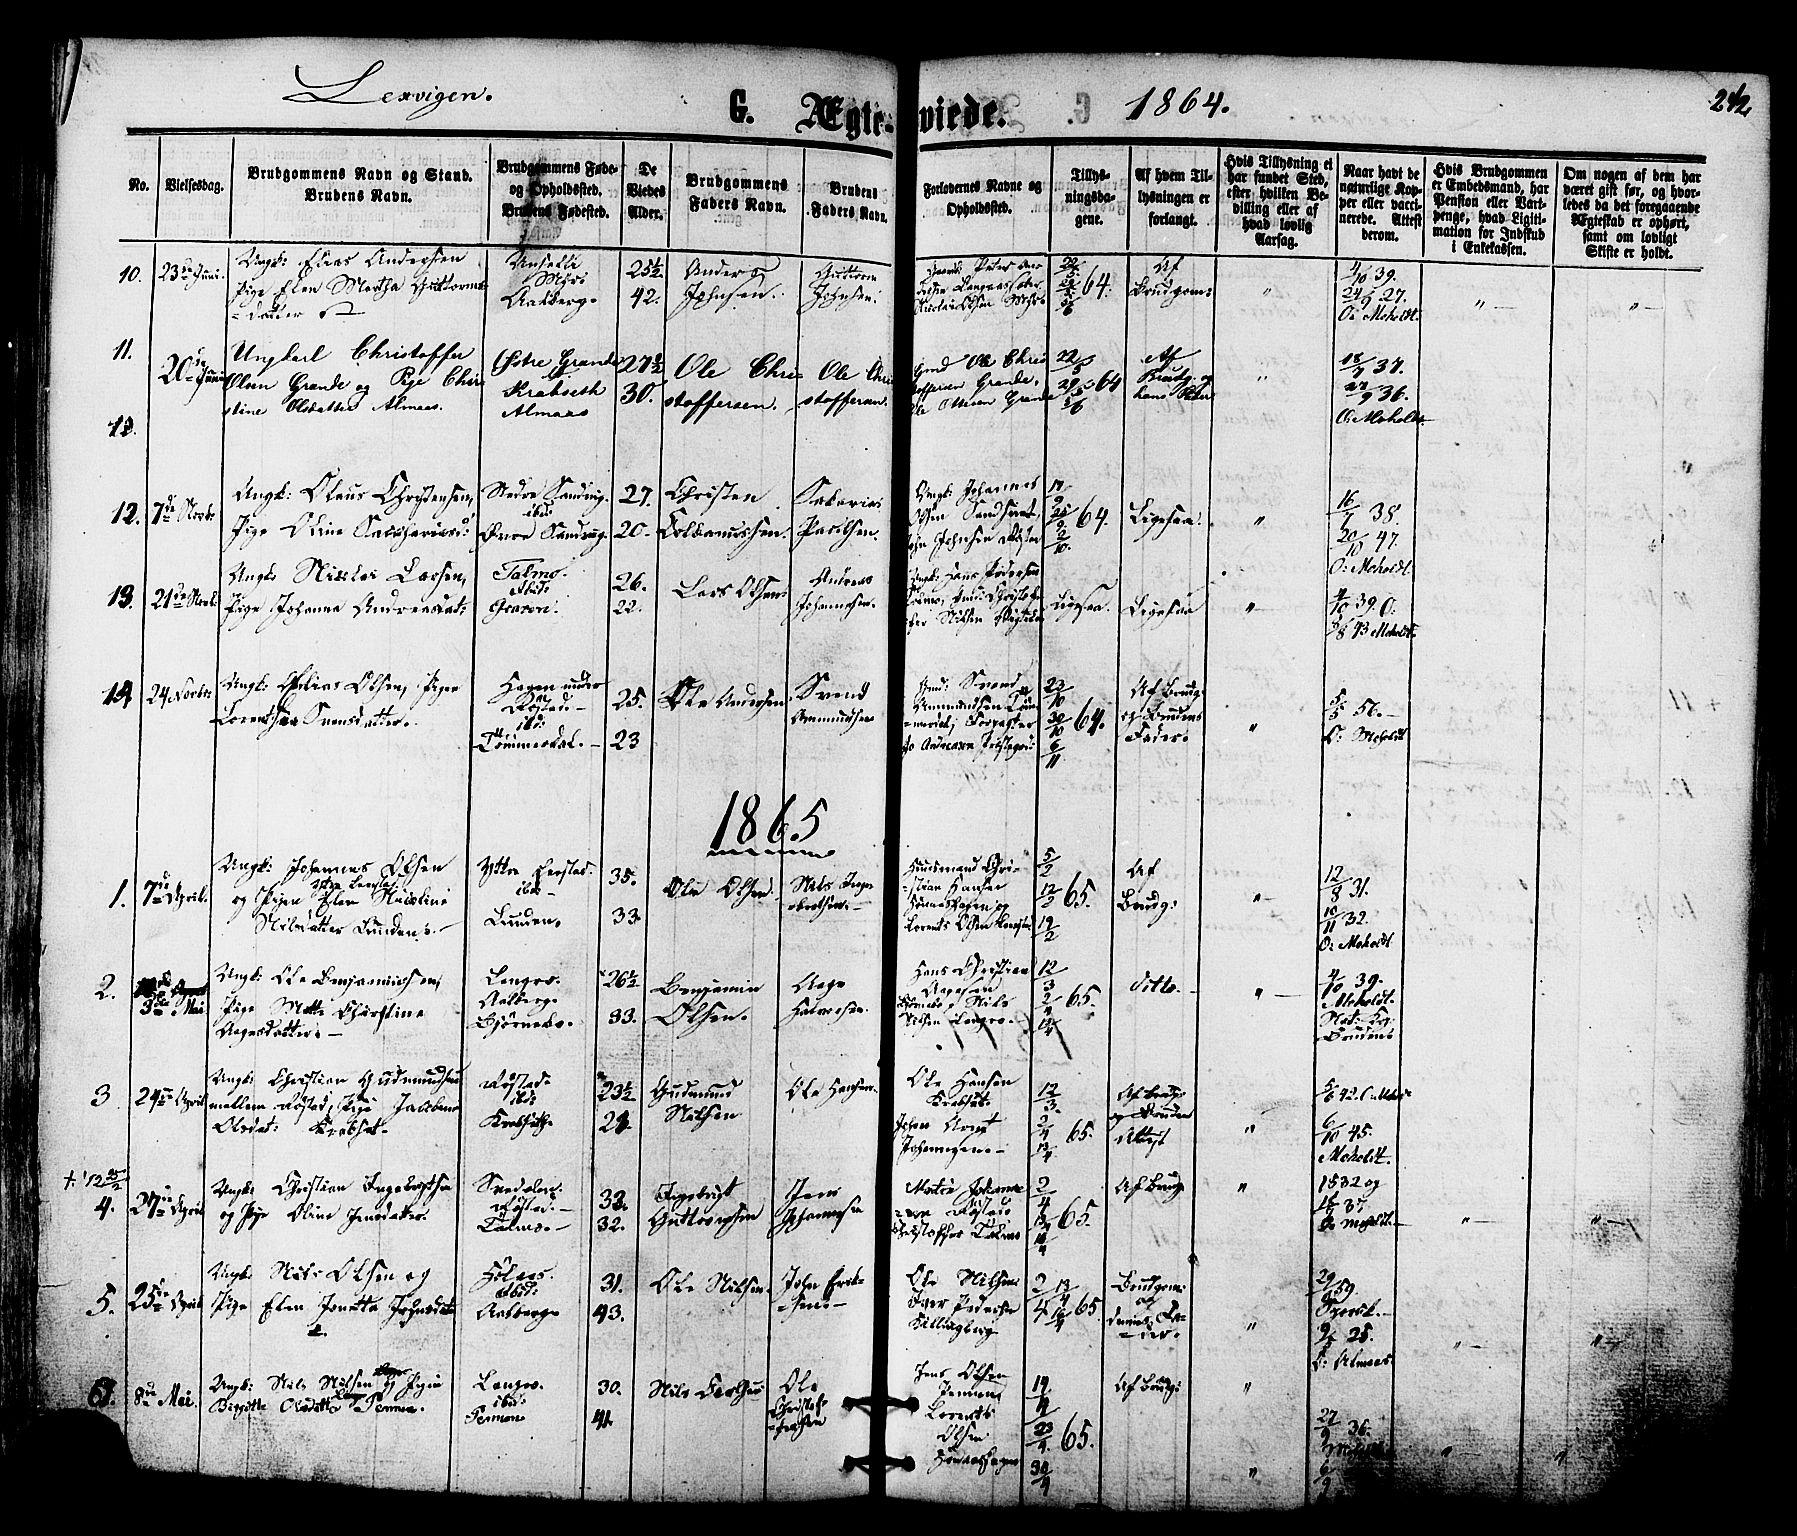 SAT, Ministerialprotokoller, klokkerbøker og fødselsregistre - Nord-Trøndelag, 701/L0009: Ministerialbok nr. 701A09 /1, 1864-1882, s. 242